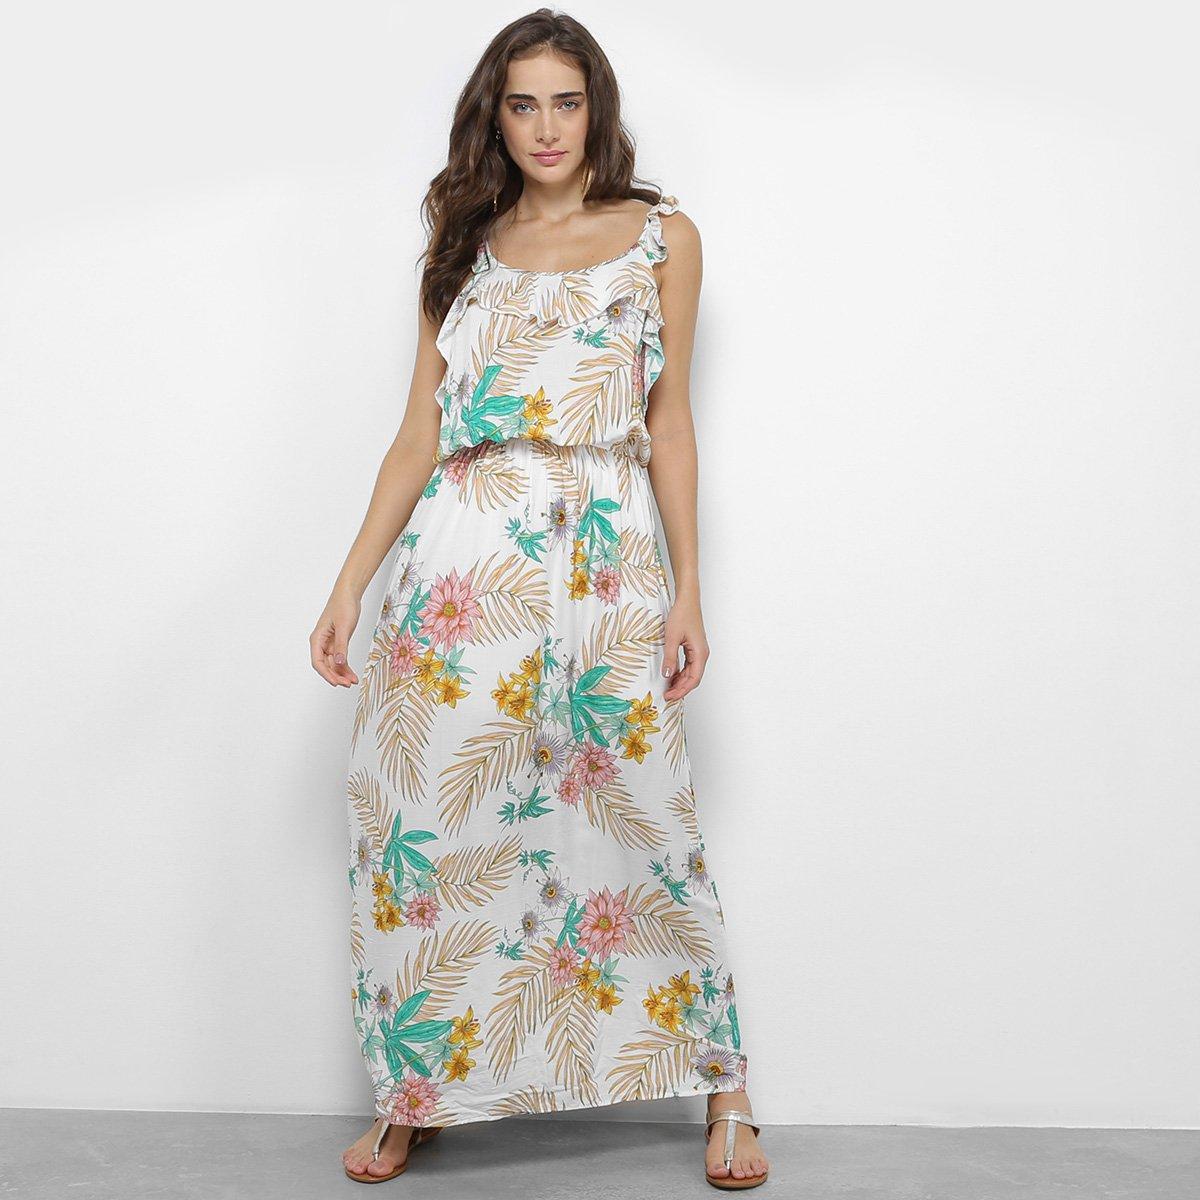 Vestido Longo Estampado Floral Royallove Feminino Branco